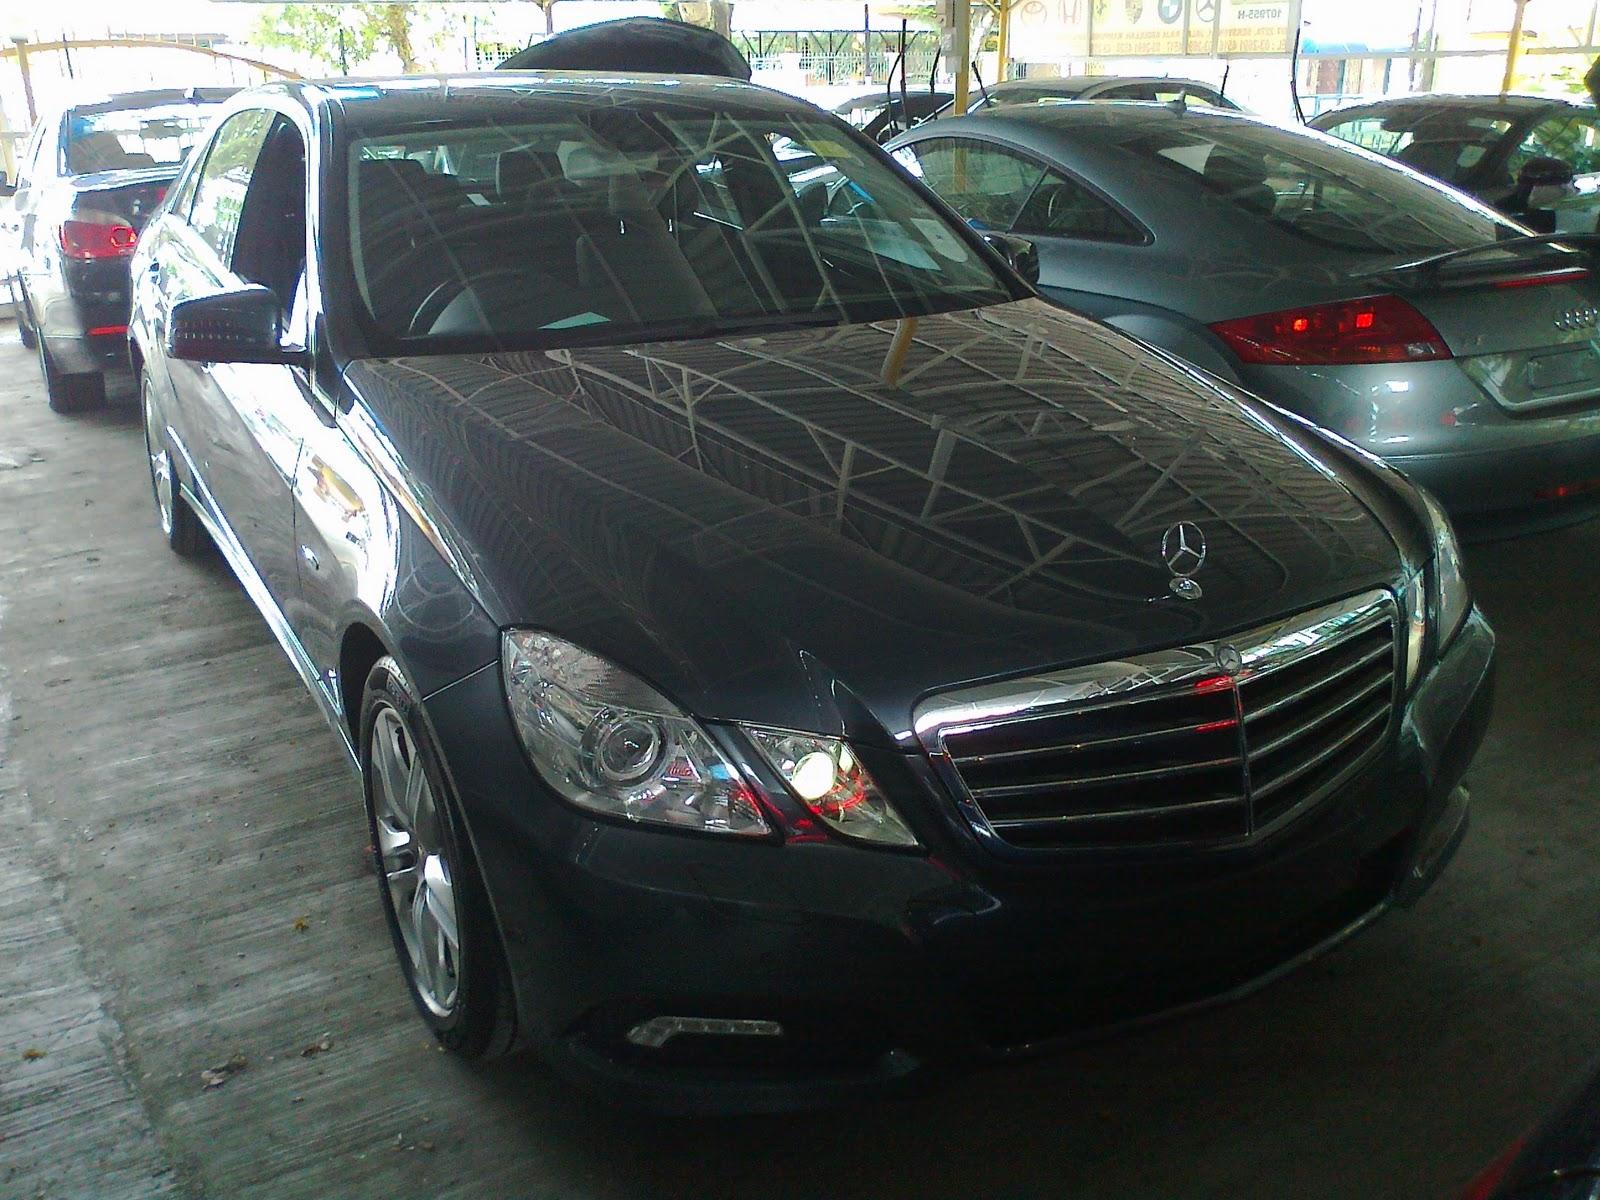 Mengimport dan menjual kereta mewah recon baru dan for Mercedes benz 0305 for sale